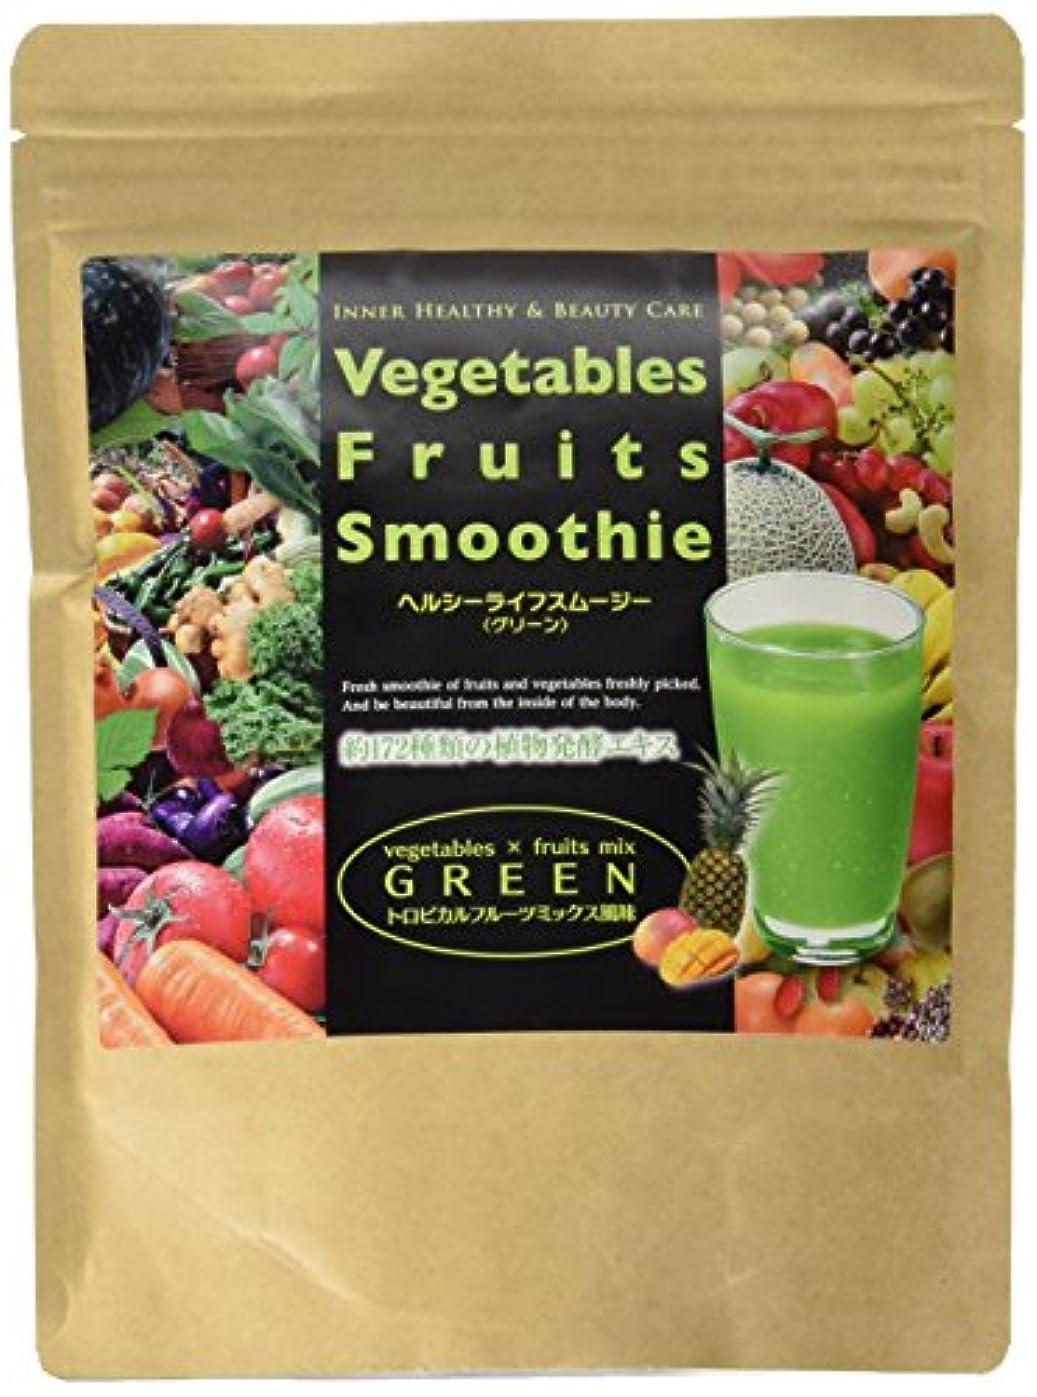 一緒母性痛みVegetables Fruits Smoothie ヘルシーライフスムージー(グリーン)トロピカルフルーツミックス味 300g 日本製